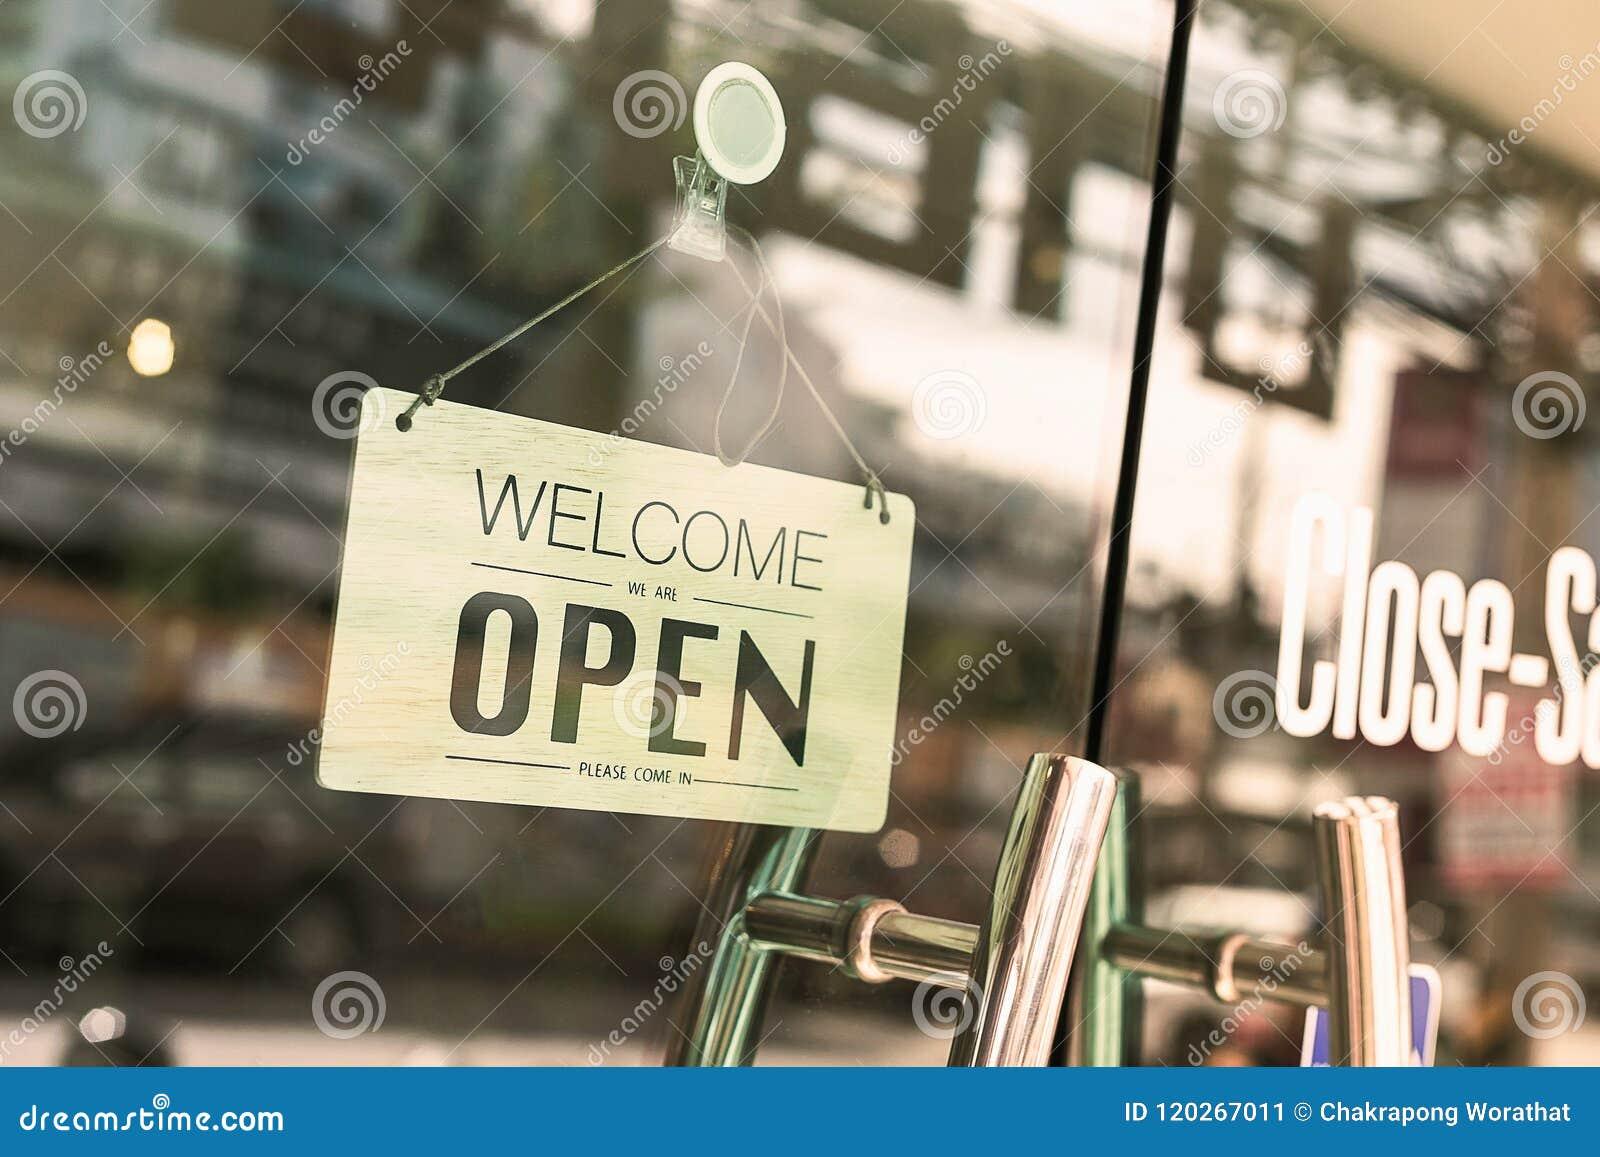 Open teken breed door het glas van venster bij koffiewinkel